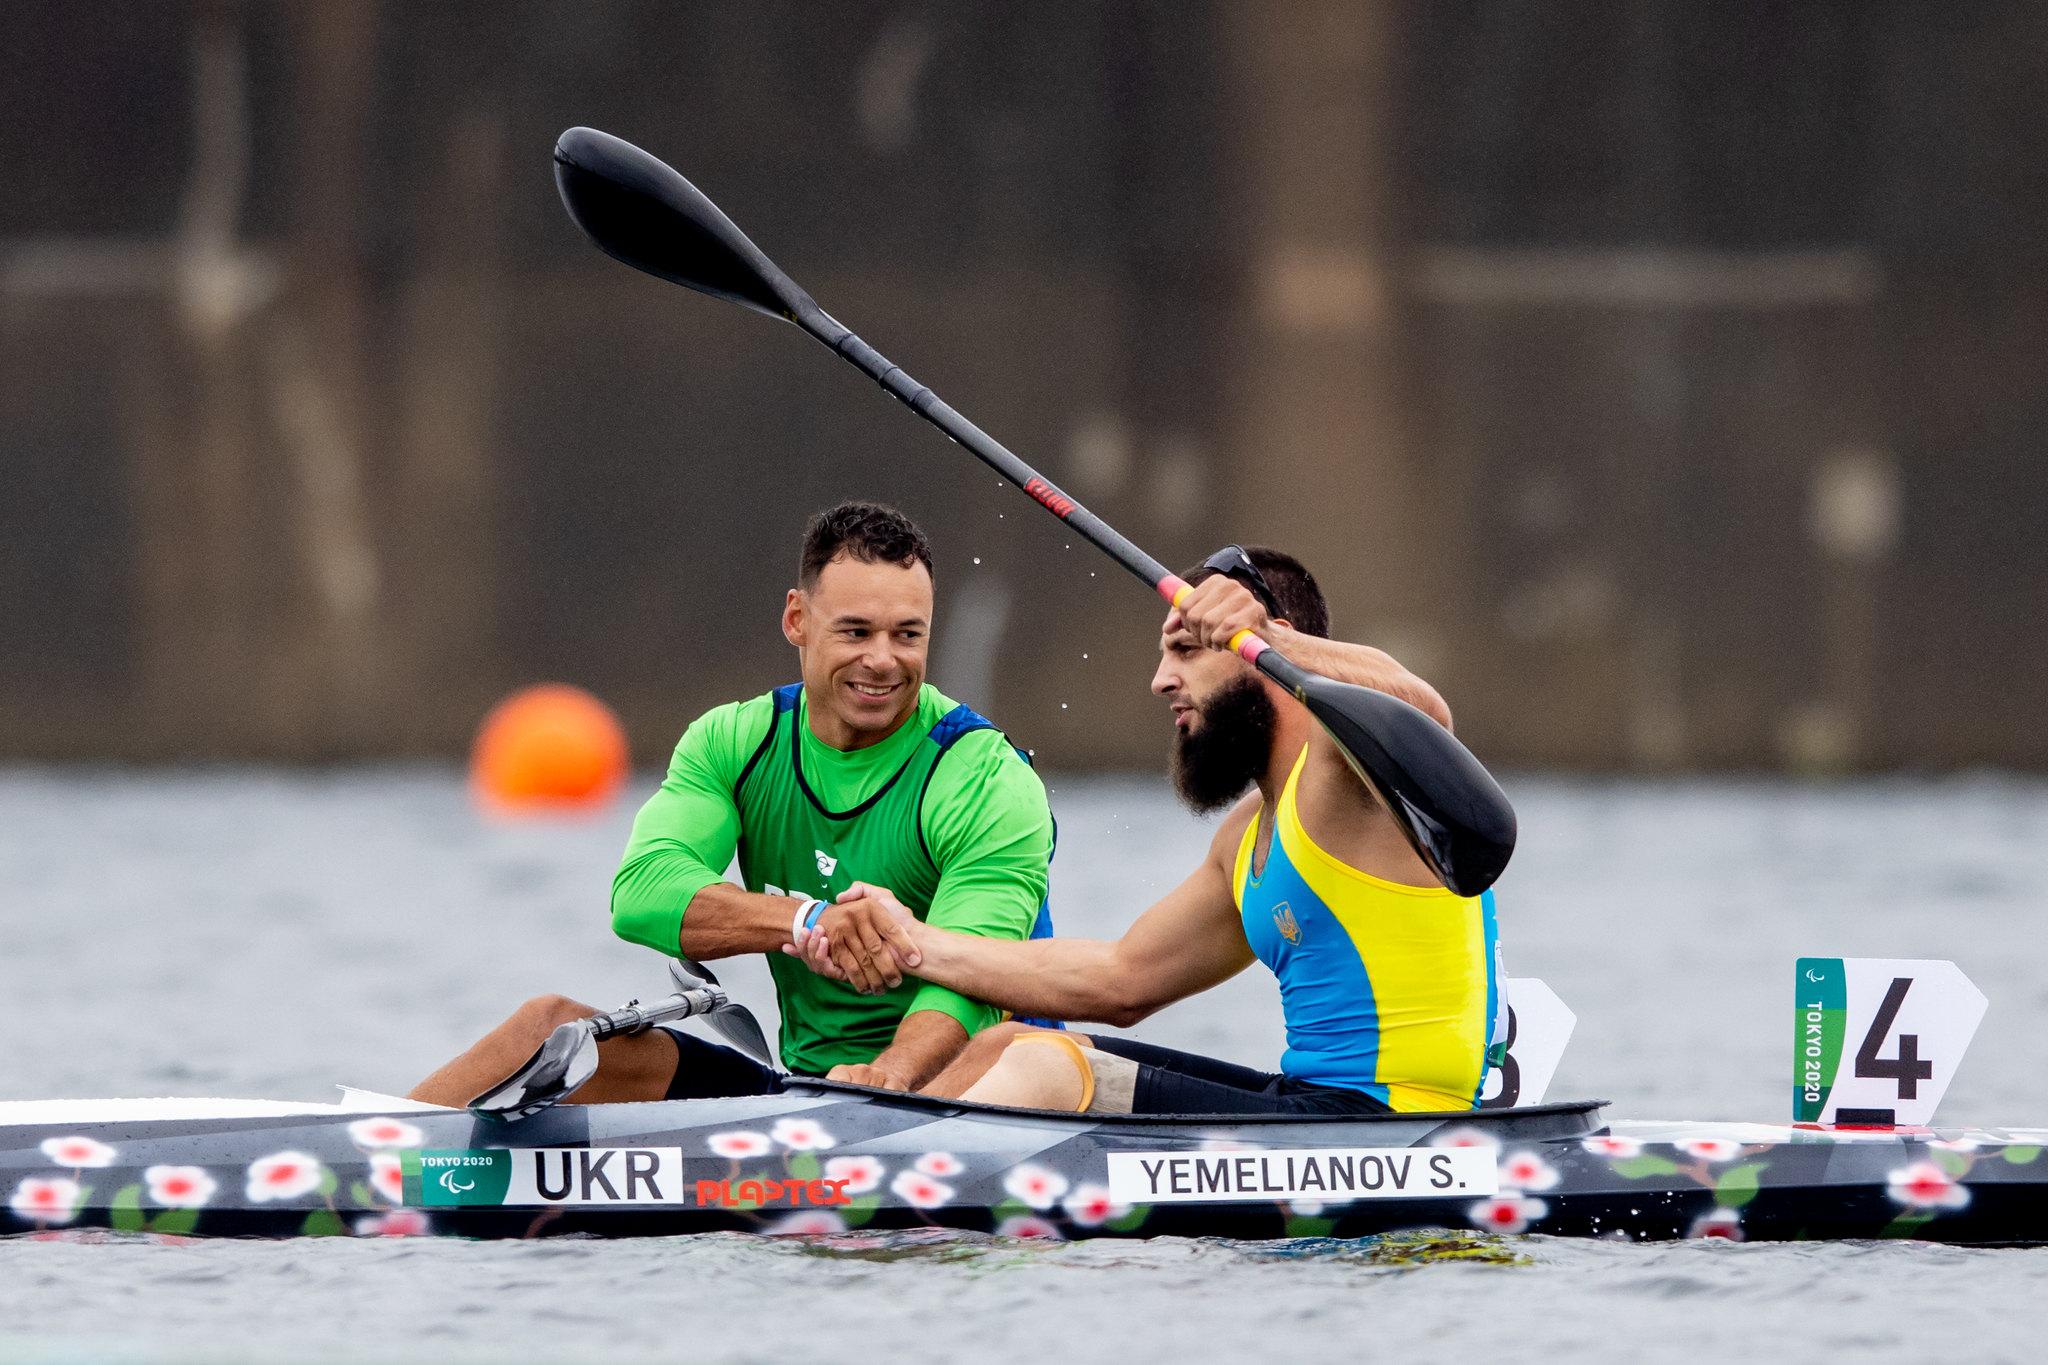 Brasileiro e ucraniano dão as mãos em suas canoas